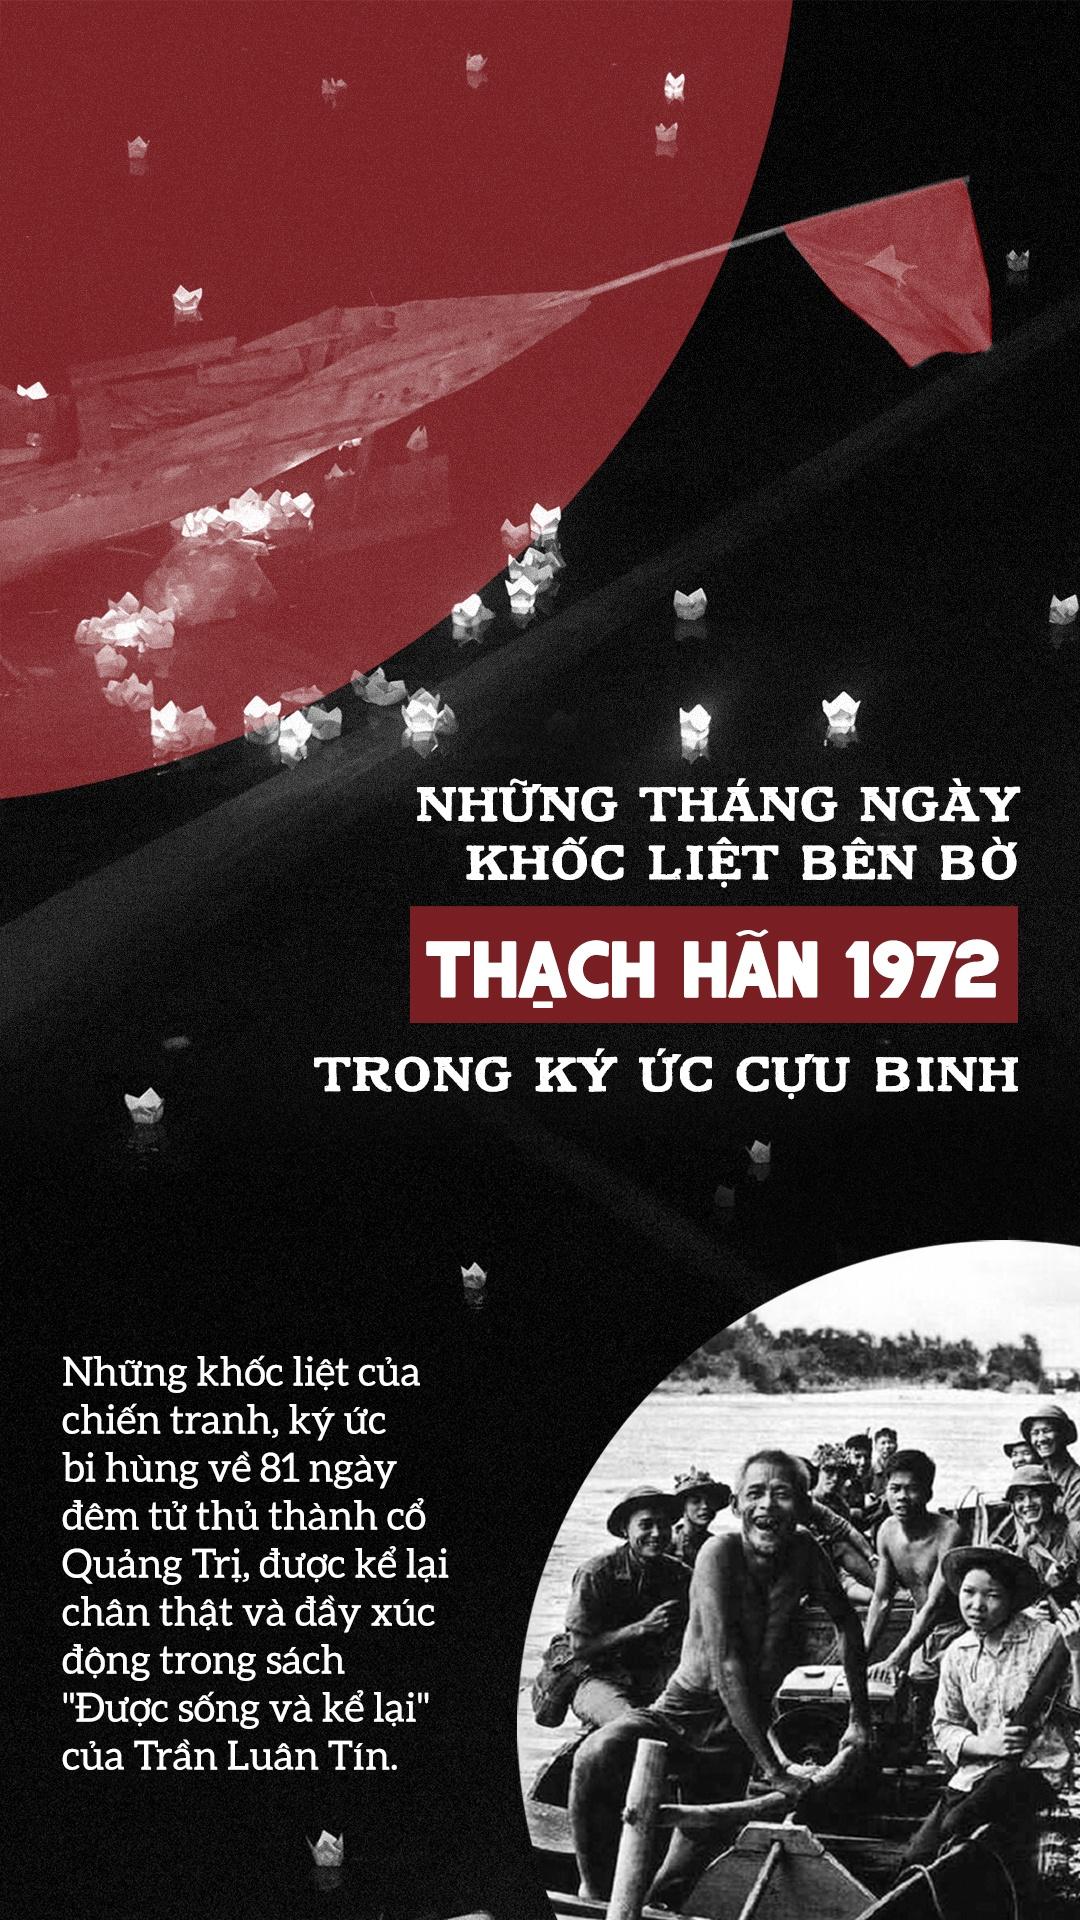 Nhung thang ngay khoc liet ben bo Thach Han 1972 trong ky uc cuu binh hinh anh 1